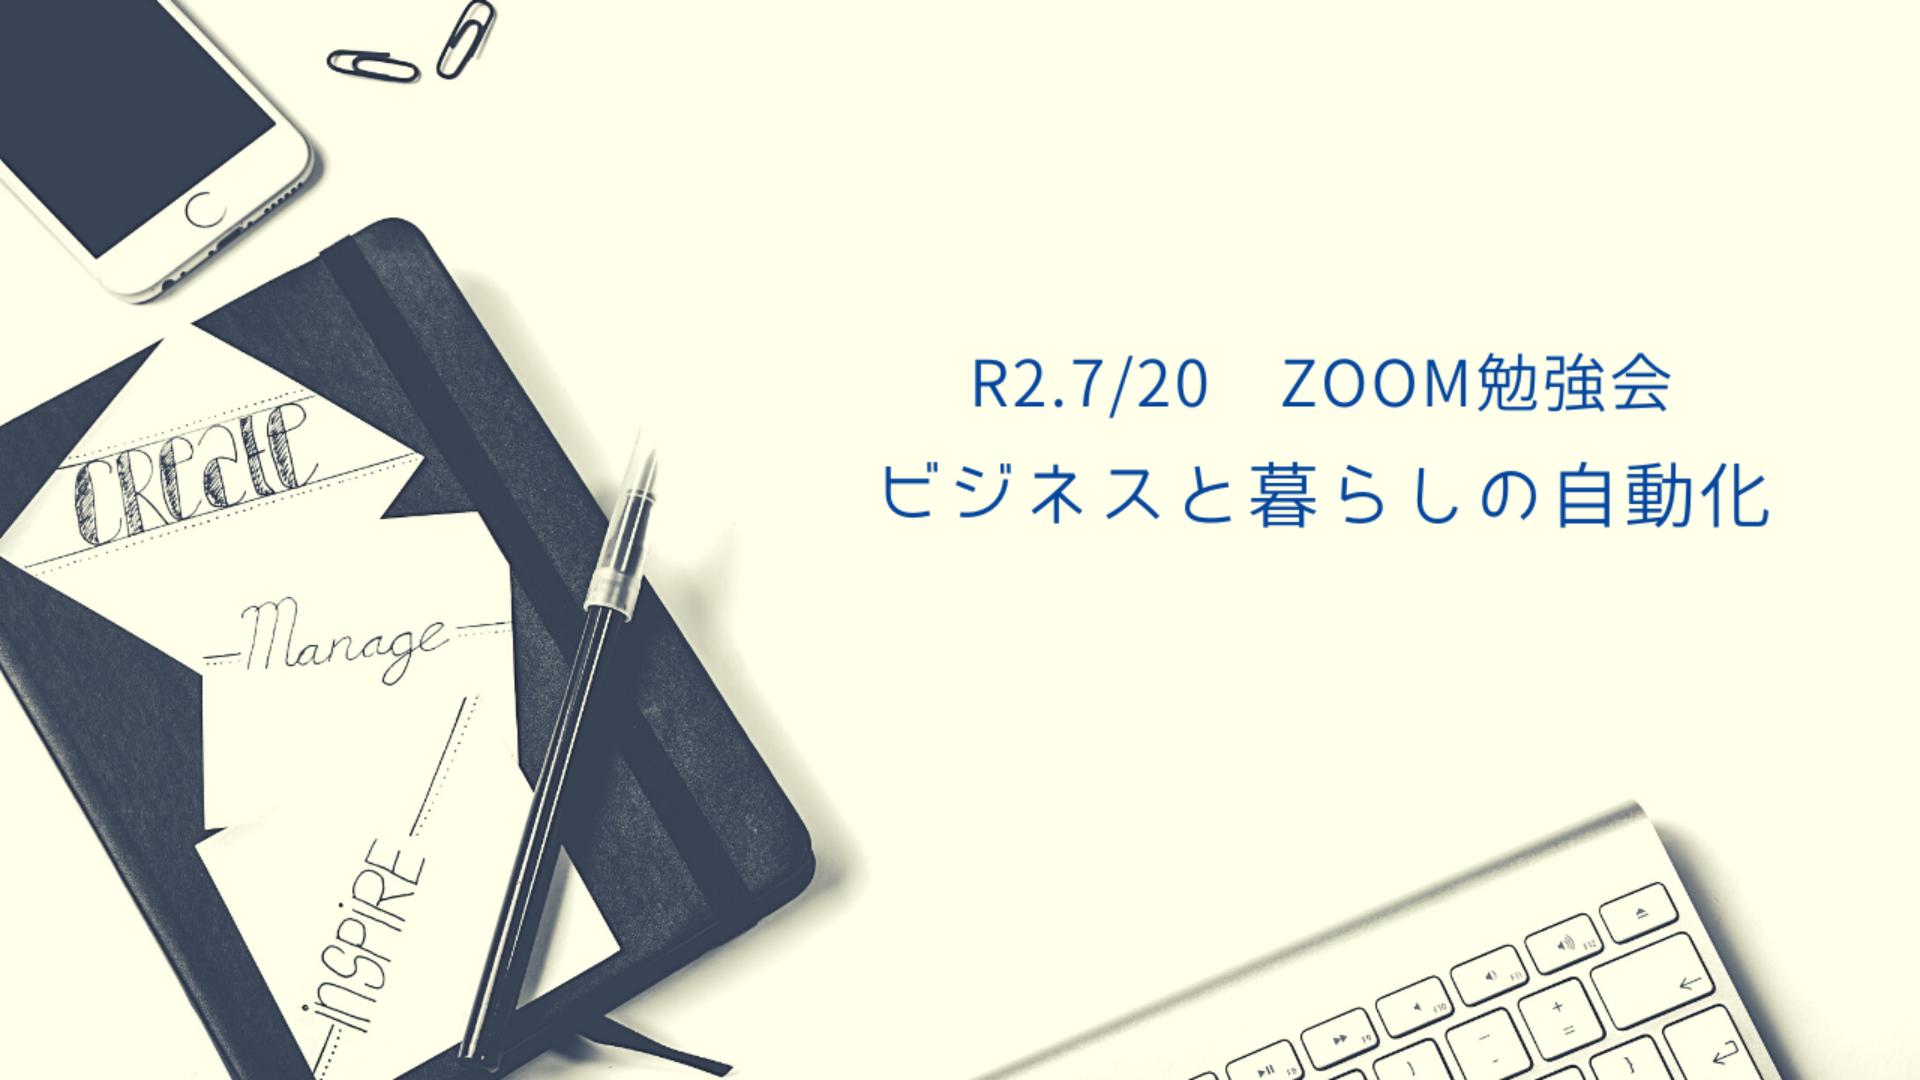 【ビジネスと暮らしの自動化】ZOOM勉強会動画